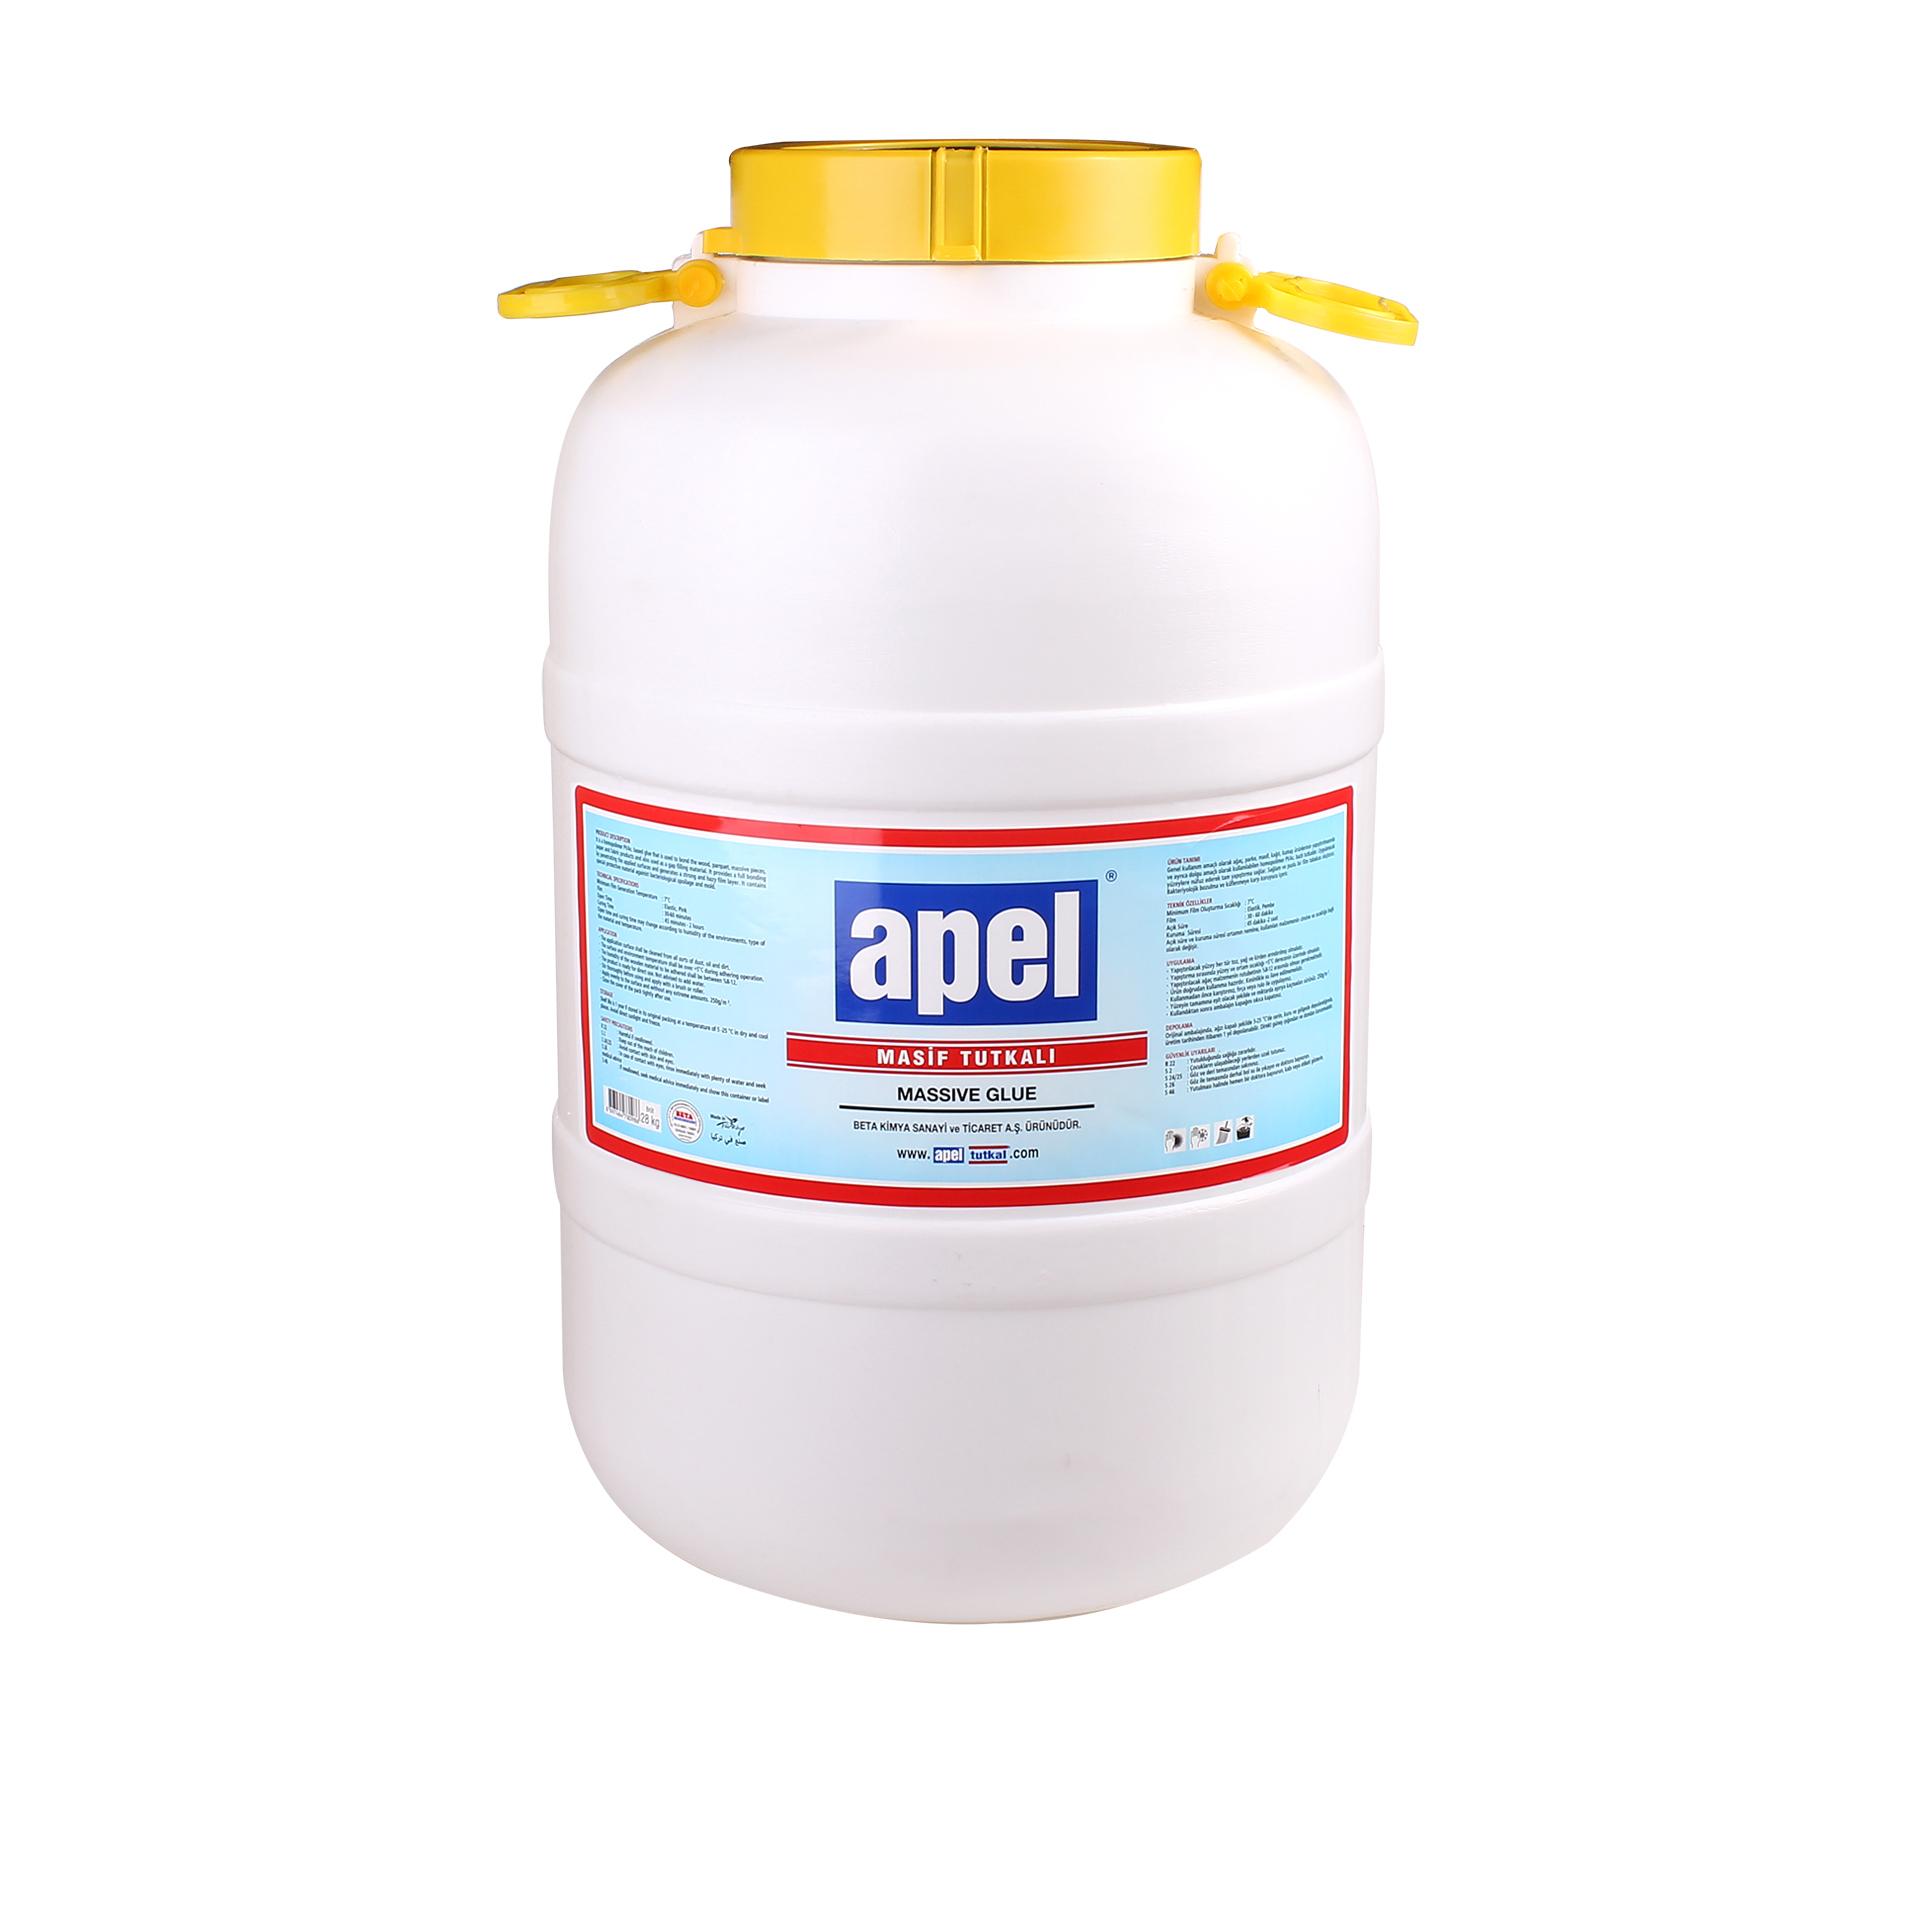 APEL Super White- Massive Glue_2